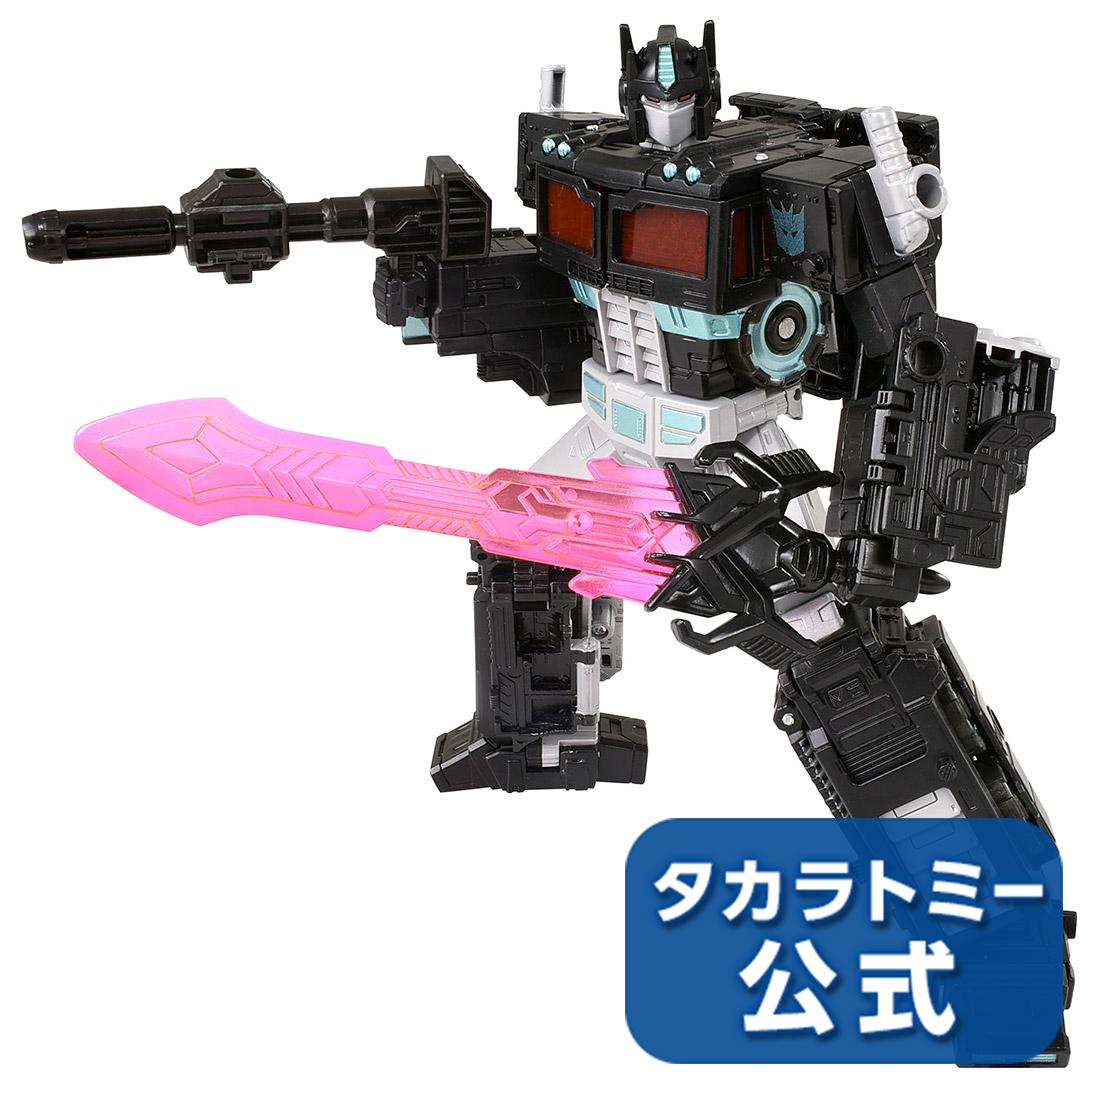 【タカラトミーモール限定】トランスフォーマー シージ ネメシスプライム